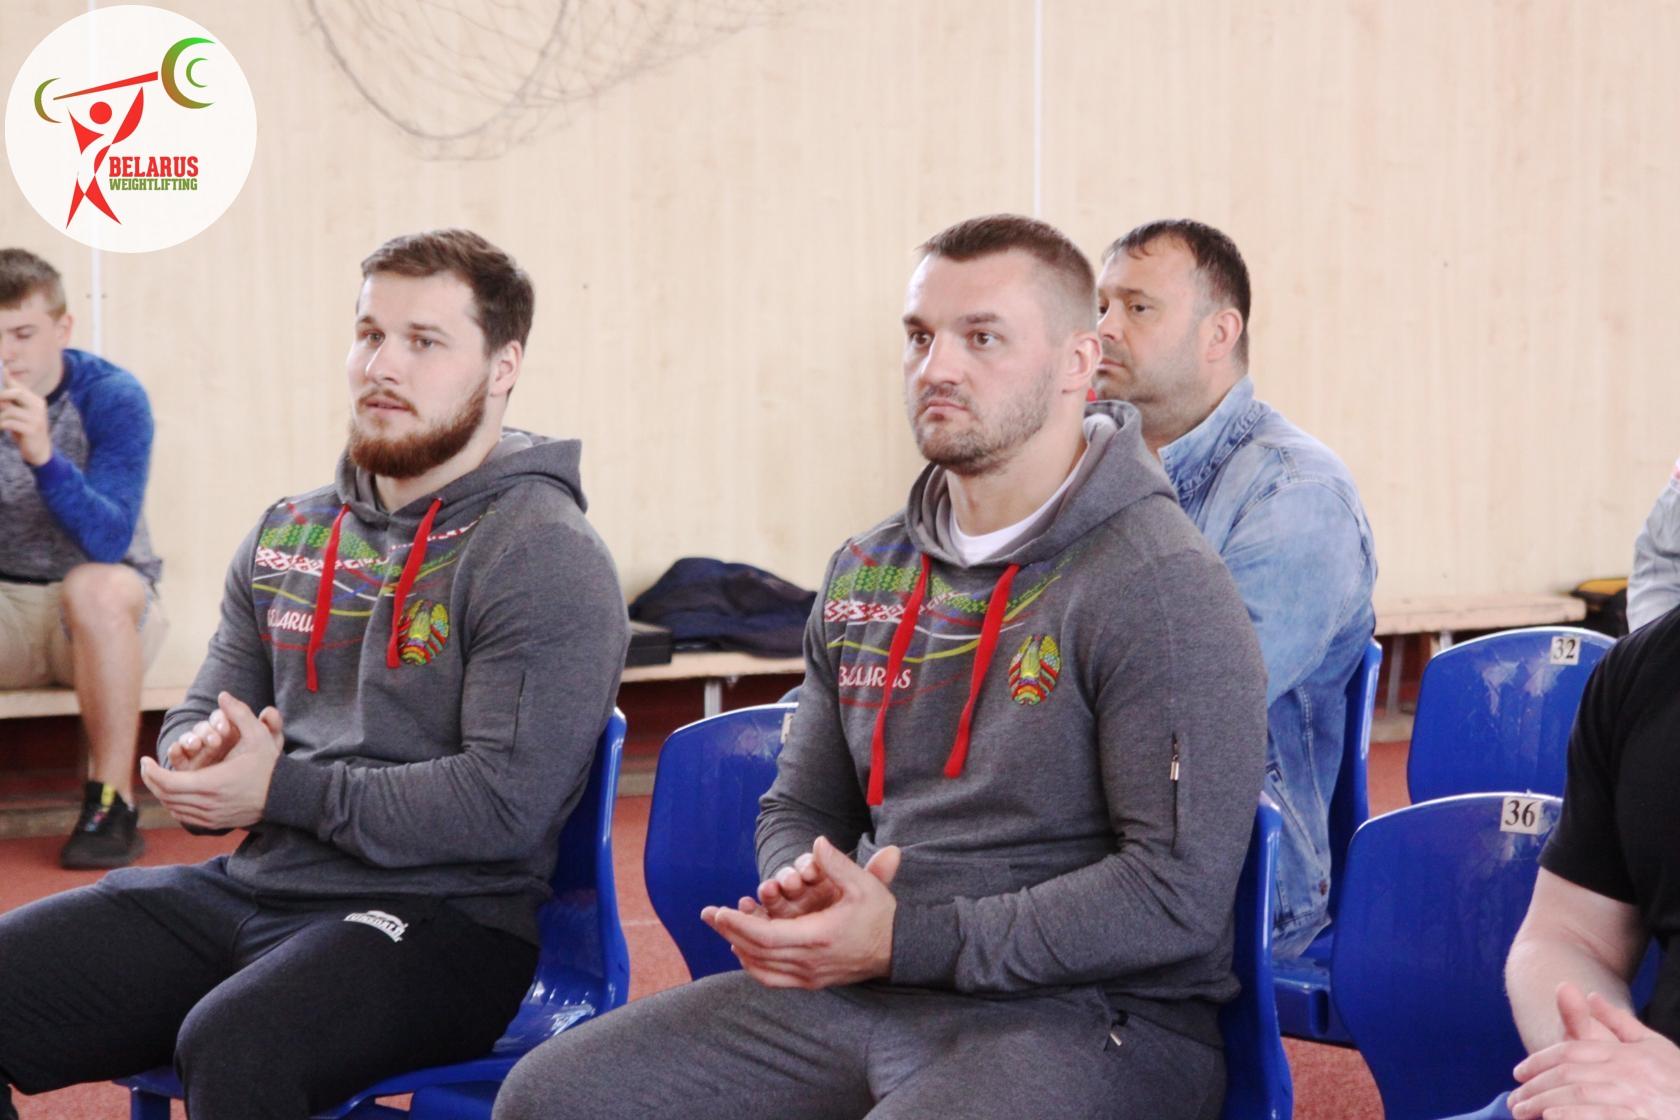 Пётр Асаёнок и Вадим Стрельцов